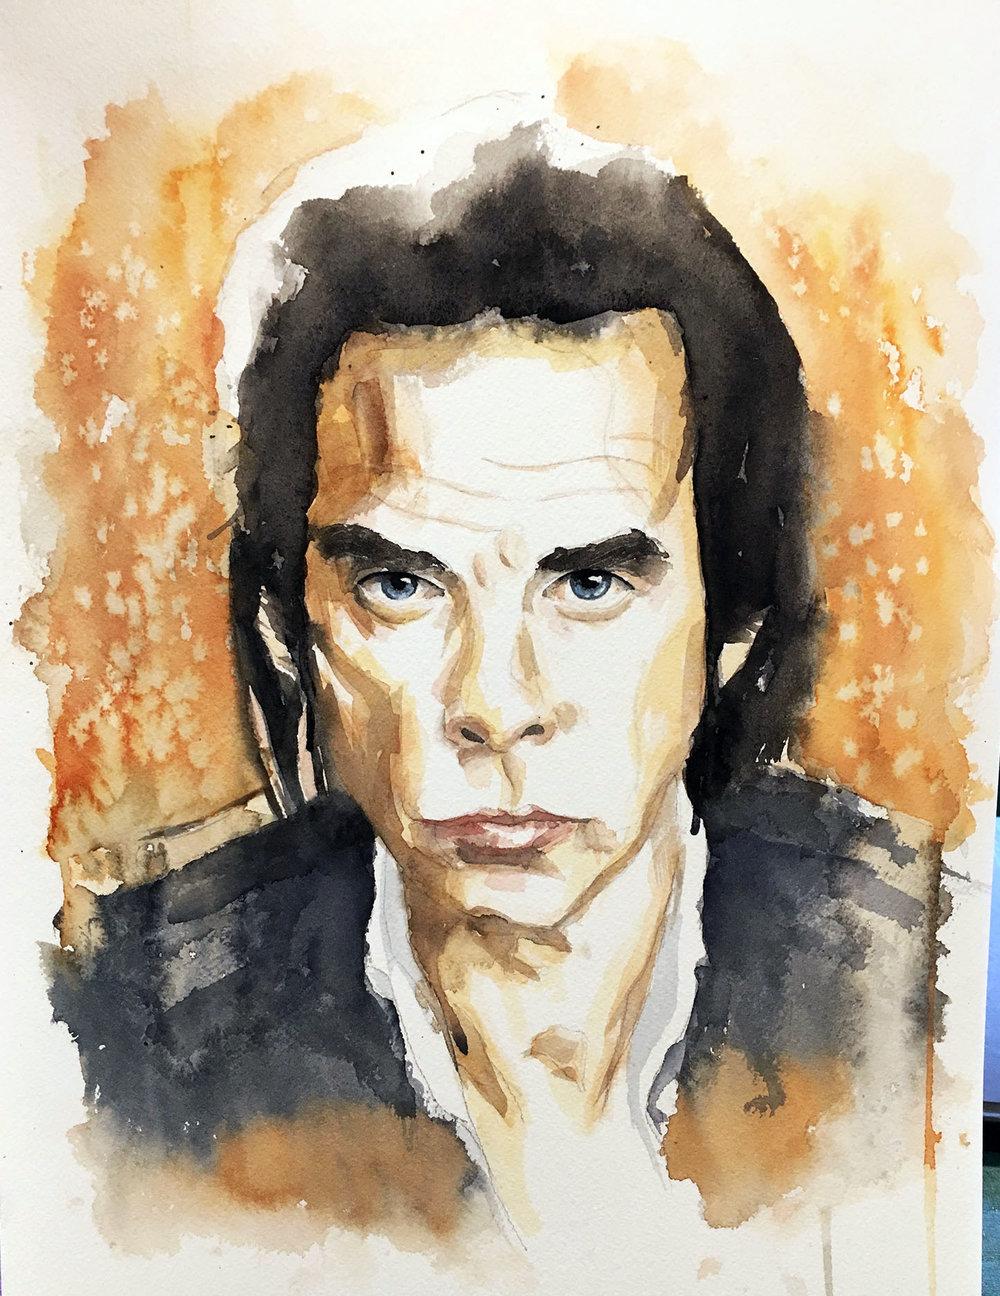 Nick Cave sketch3.jpg